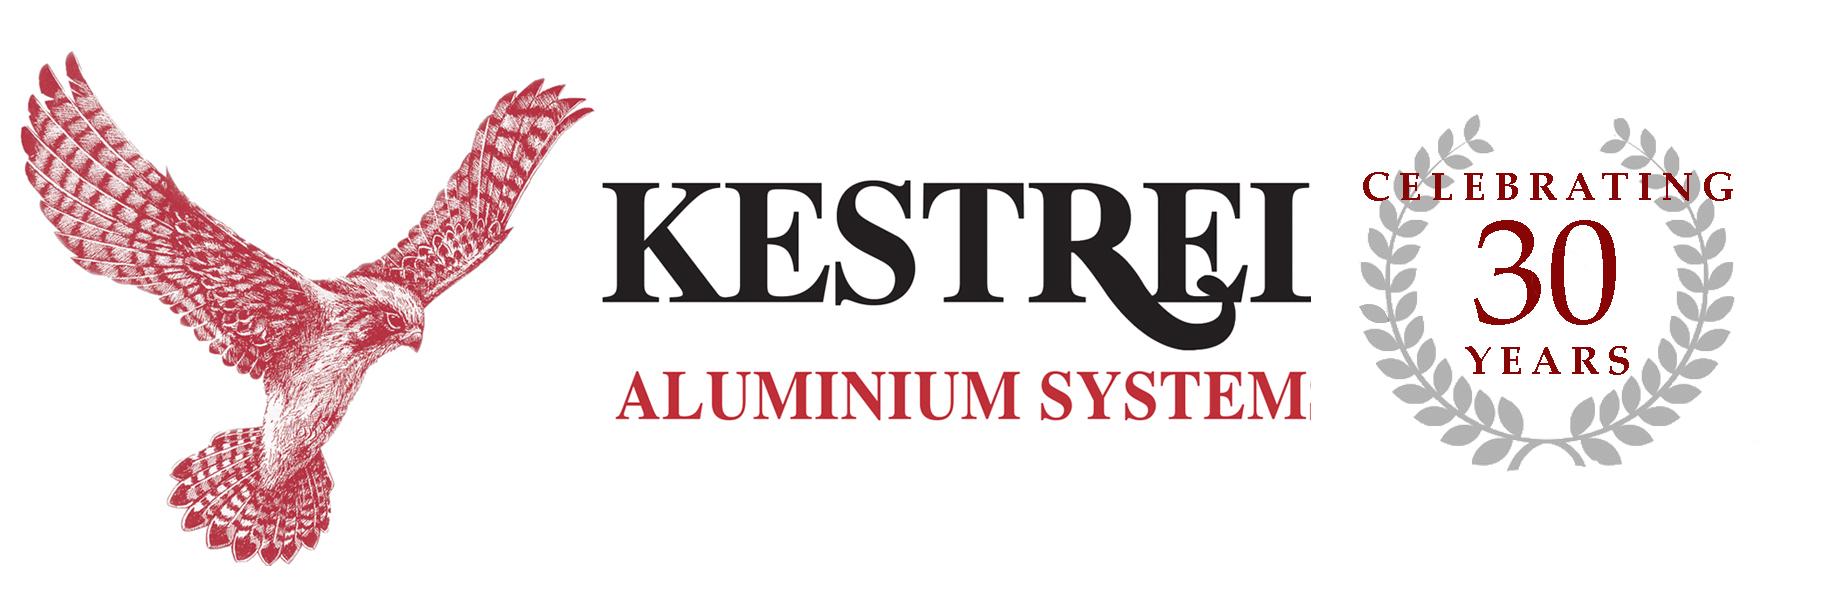 Kestrel Aluminium